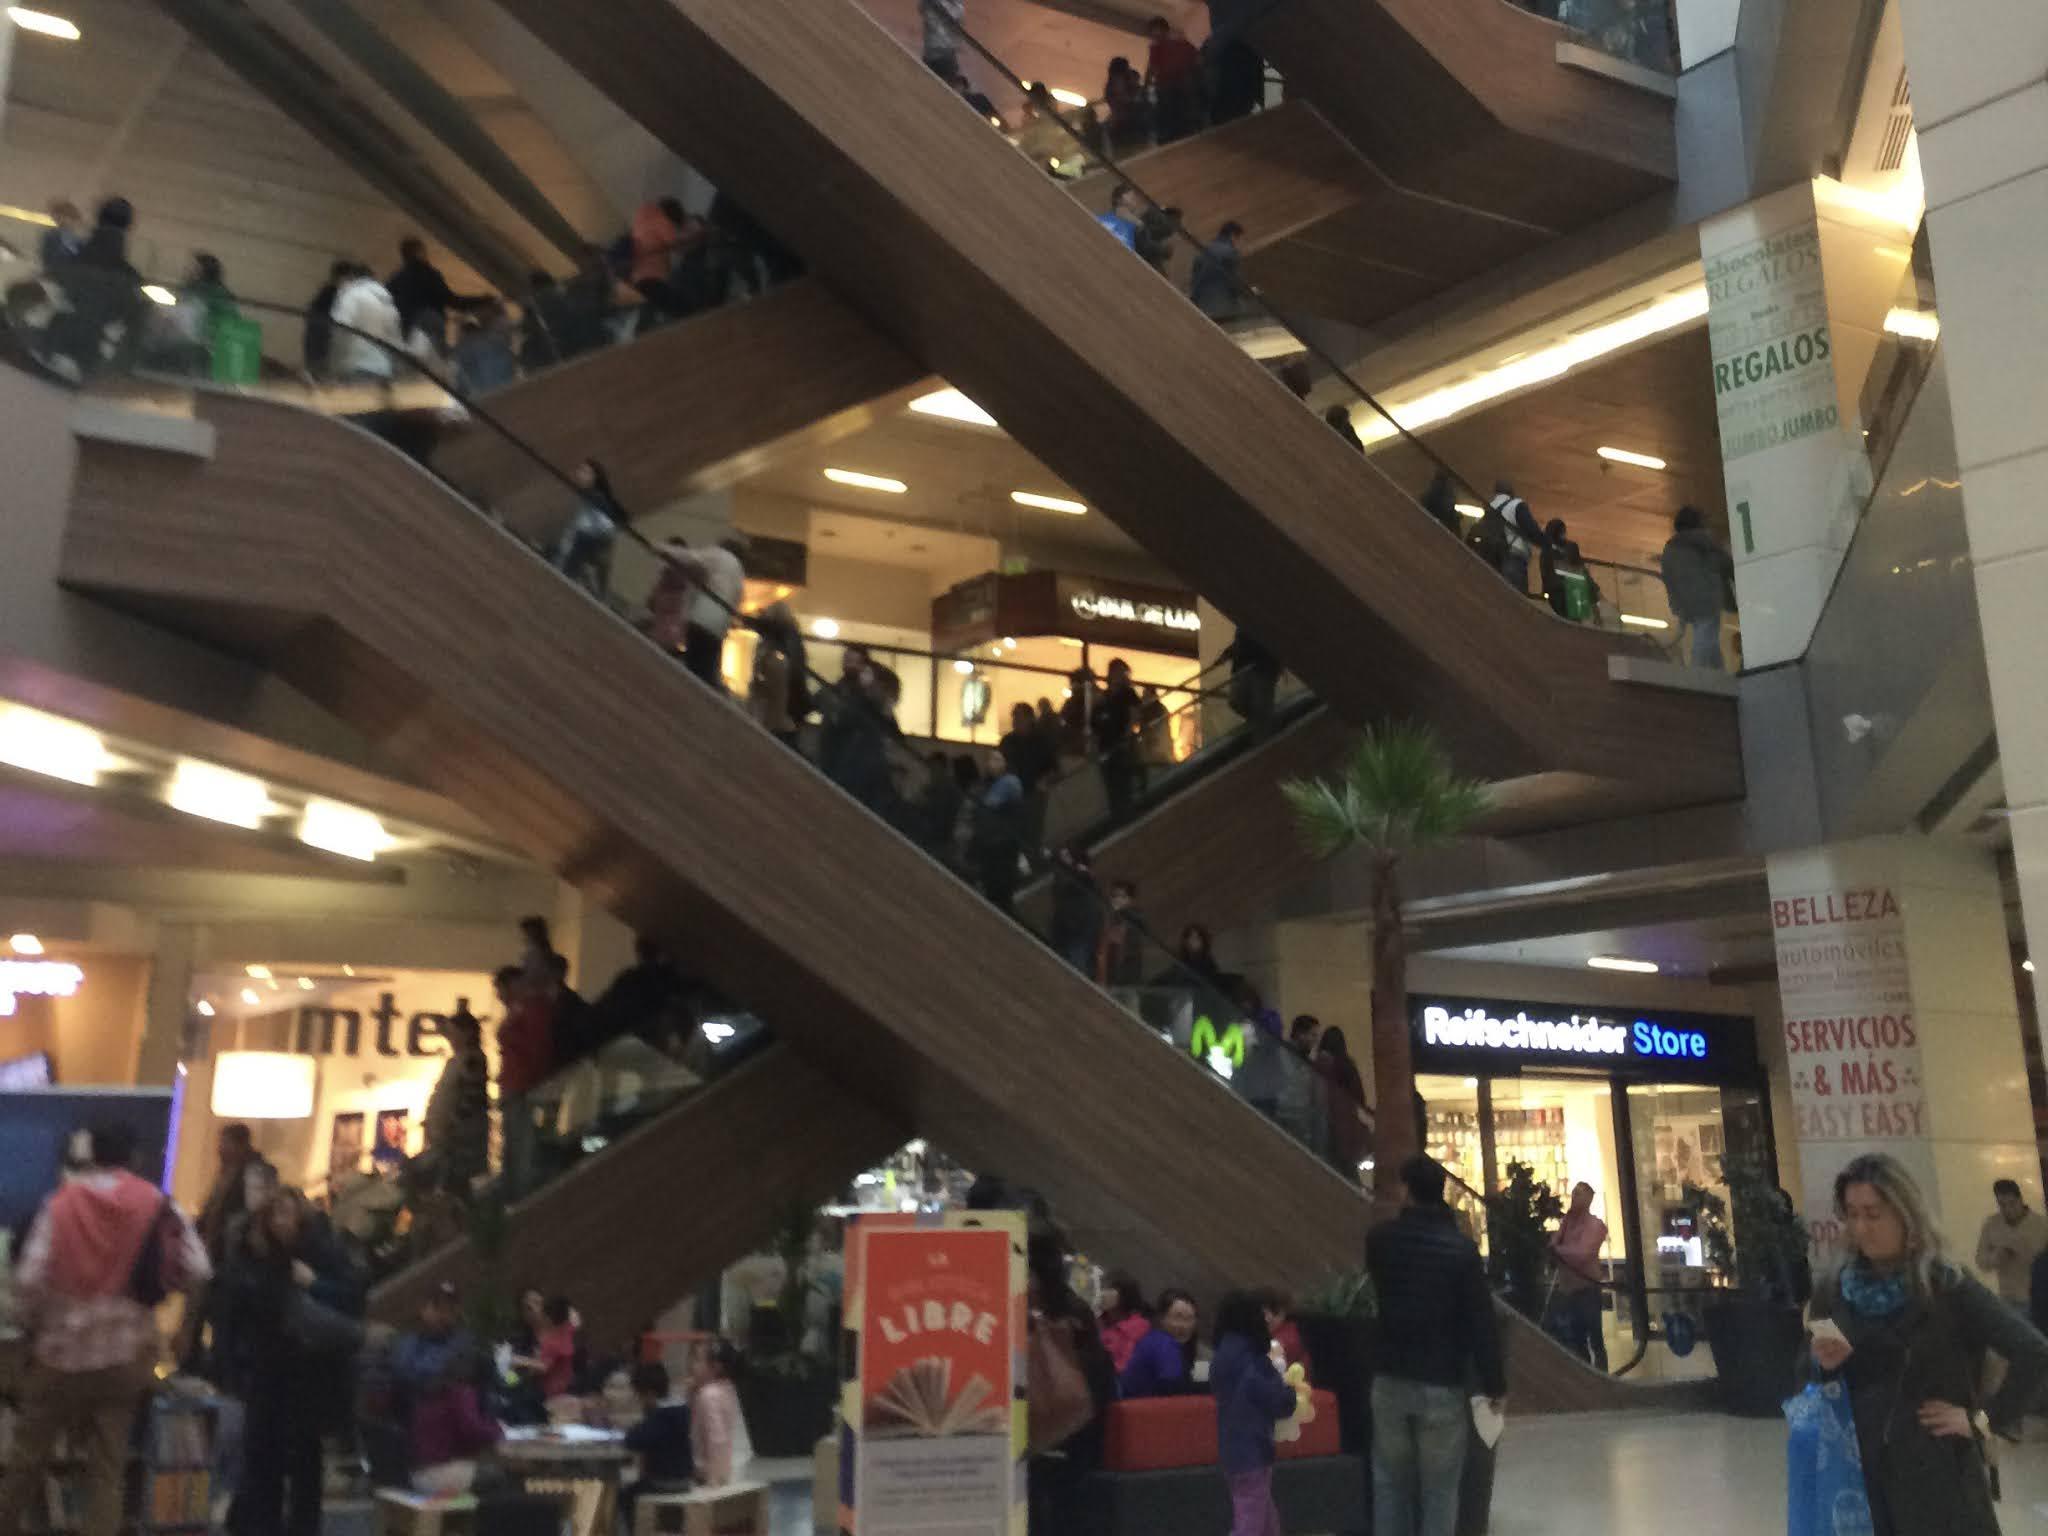 Escadas rolantes Costanera center